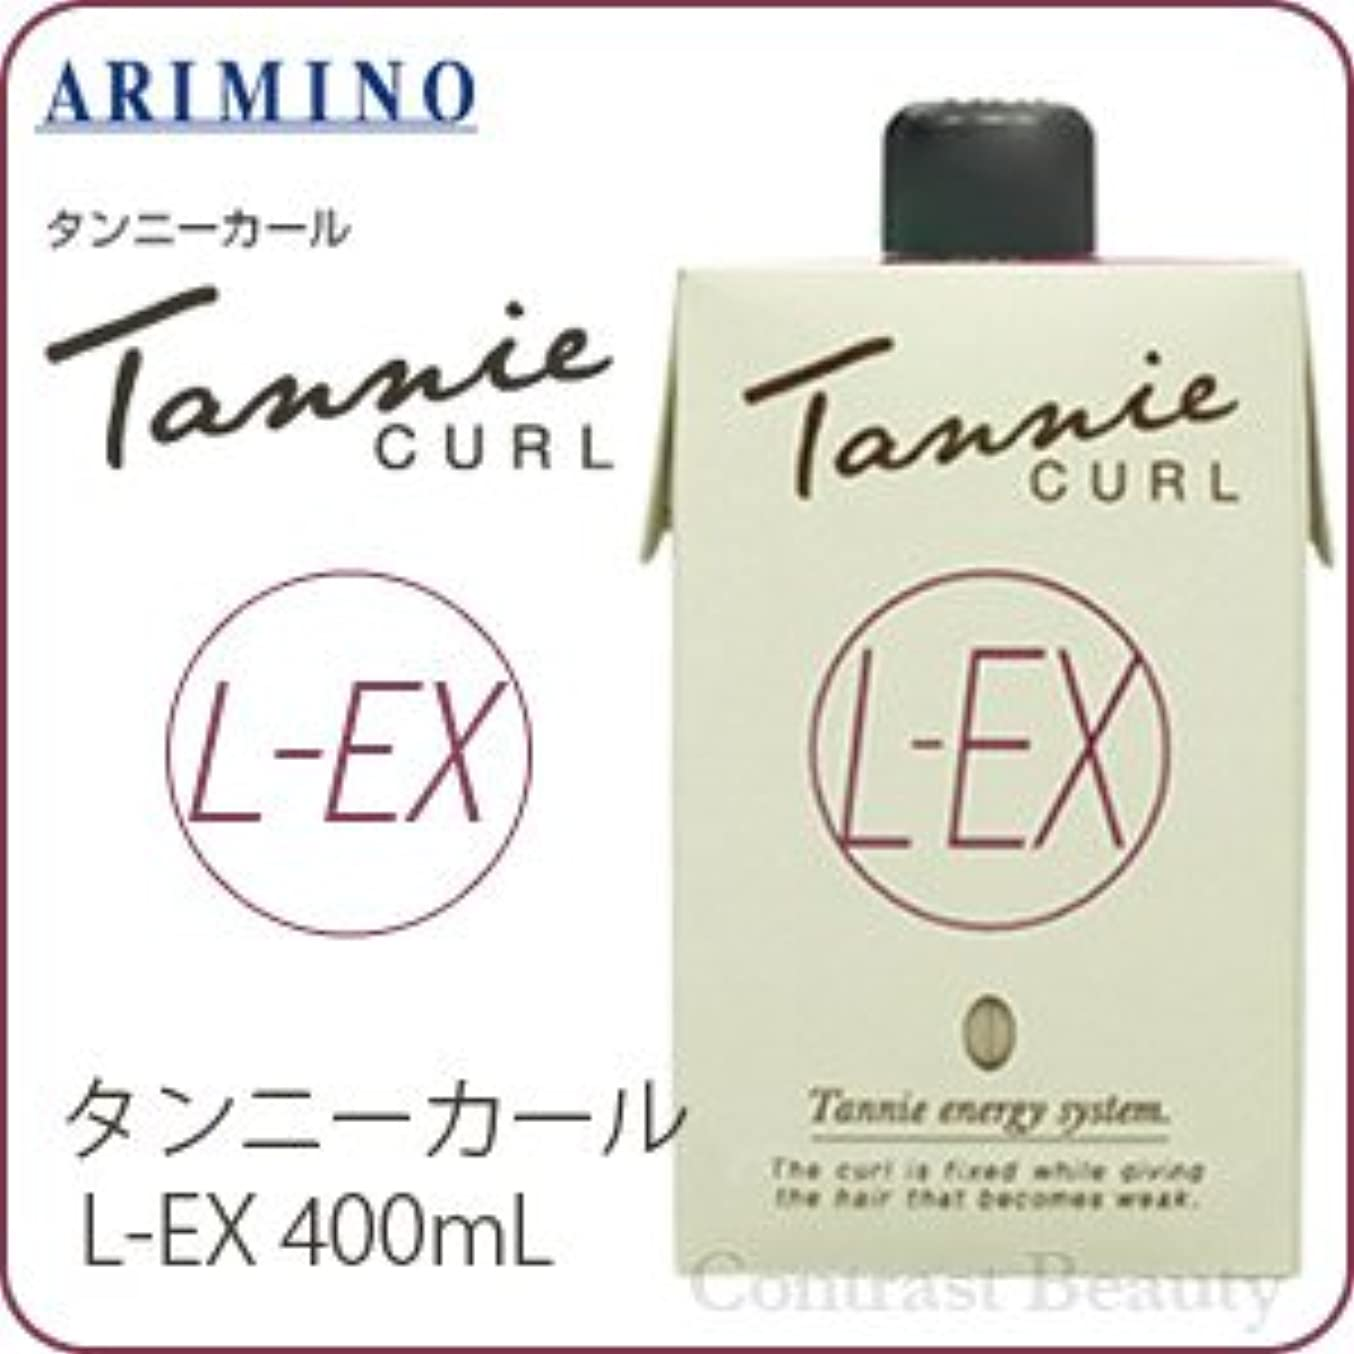 グリル押し下げる汚れる【X5個セット】 アリミノ タンニーカール L-EX 400ml